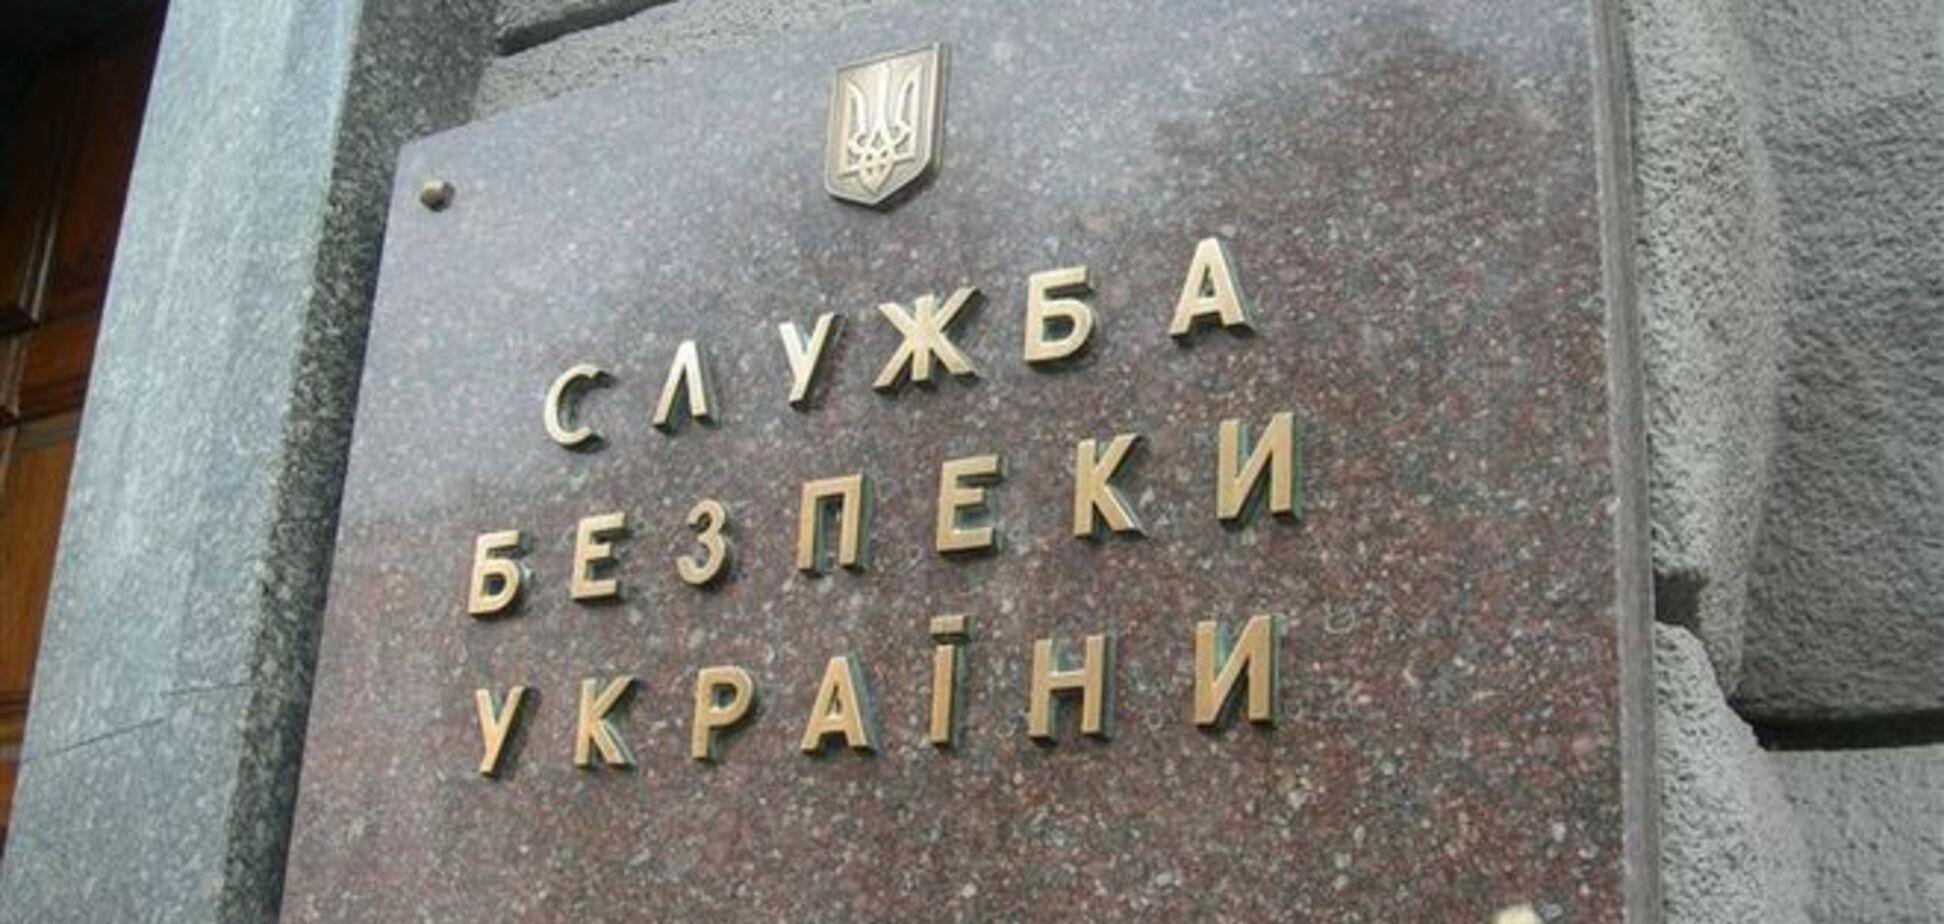 СБУ задержала двух российских журналистов и планирует выслать их из Украины